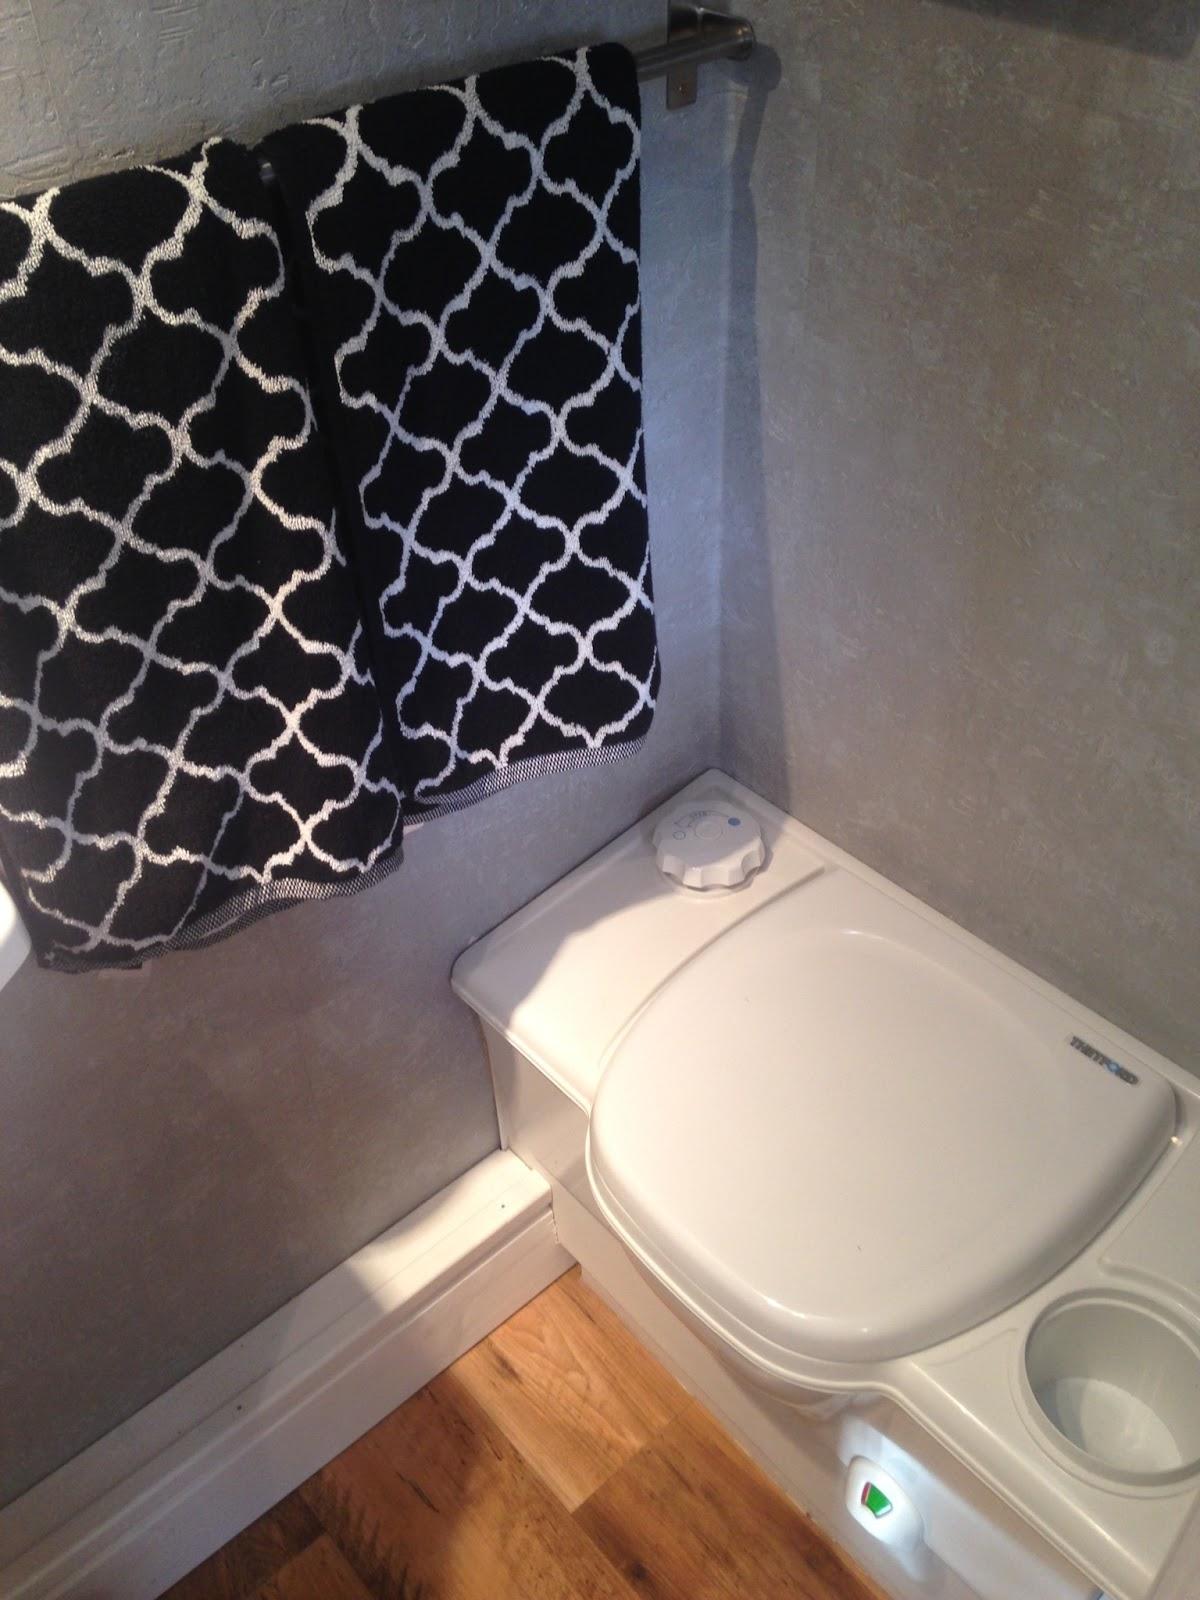 gl cksfeder wei e n gel mit k pfen so haben wir unseren wohnwagen renoviert. Black Bedroom Furniture Sets. Home Design Ideas